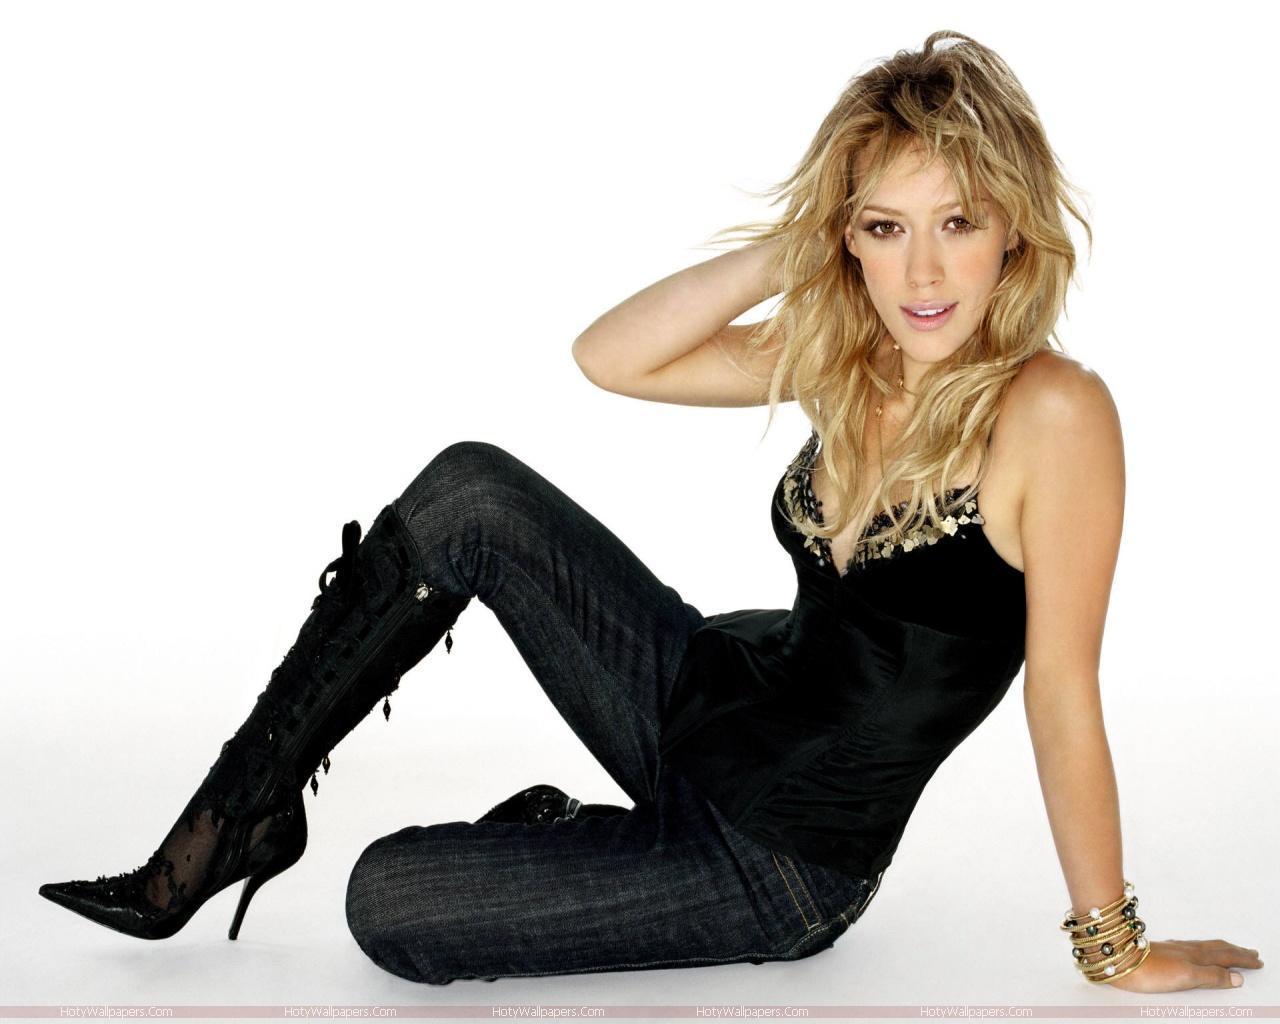 http://3.bp.blogspot.com/-Phbij8wSCq8/TmTh2UV_akI/AAAAAAAAKTQ/TdTvzx1o3b8/s1600/Hilary_Duff_super_star_of_hollywood.jpg